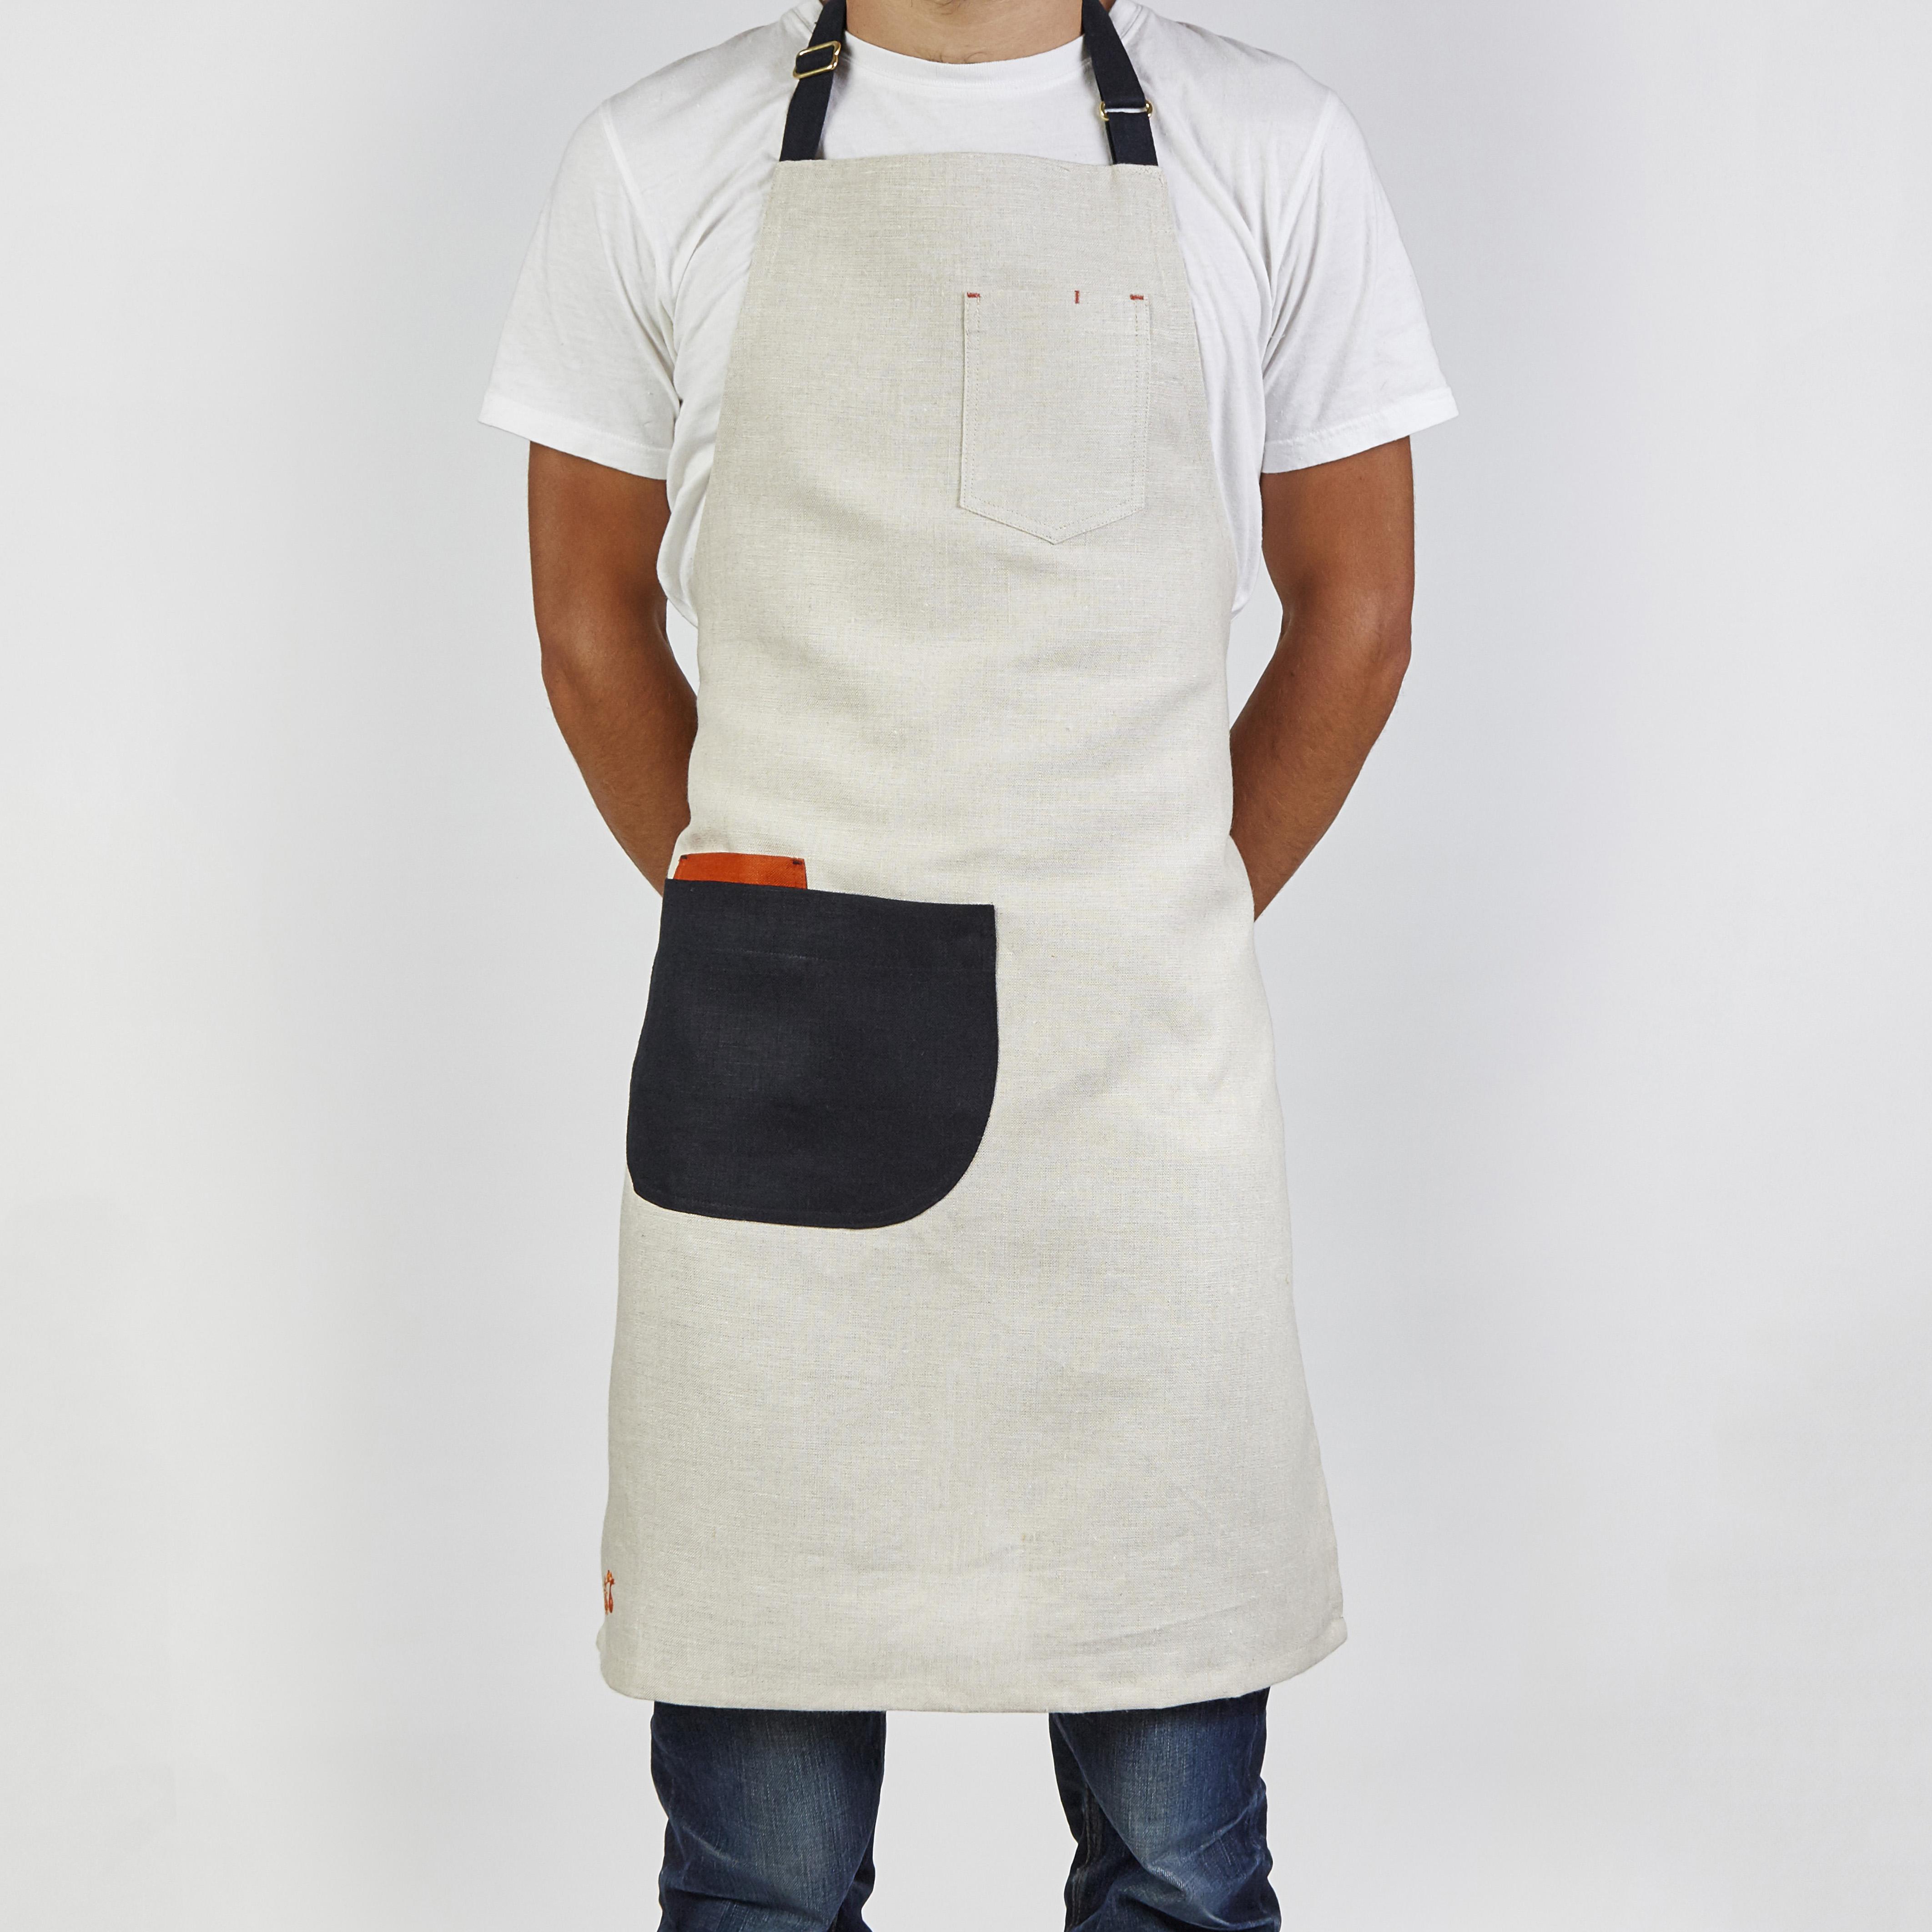 White apron ireland - Acorn Front Shot